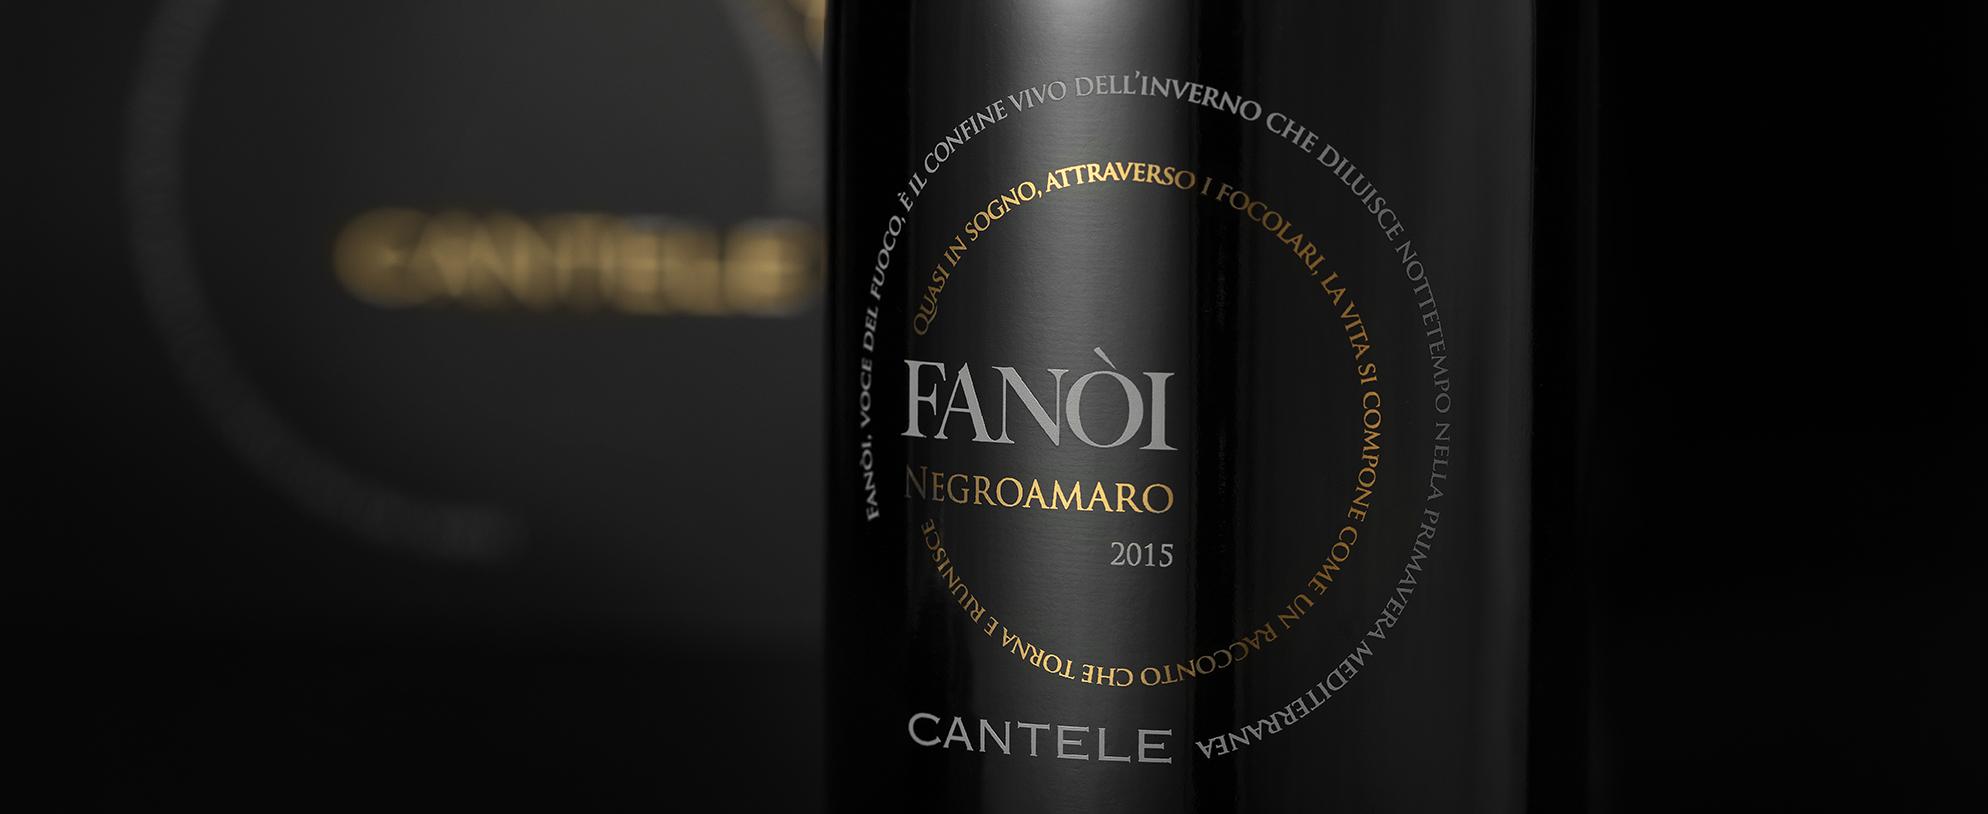 L'anima del Fanòi da vita ad un nuovo vino: il Negroamaro.